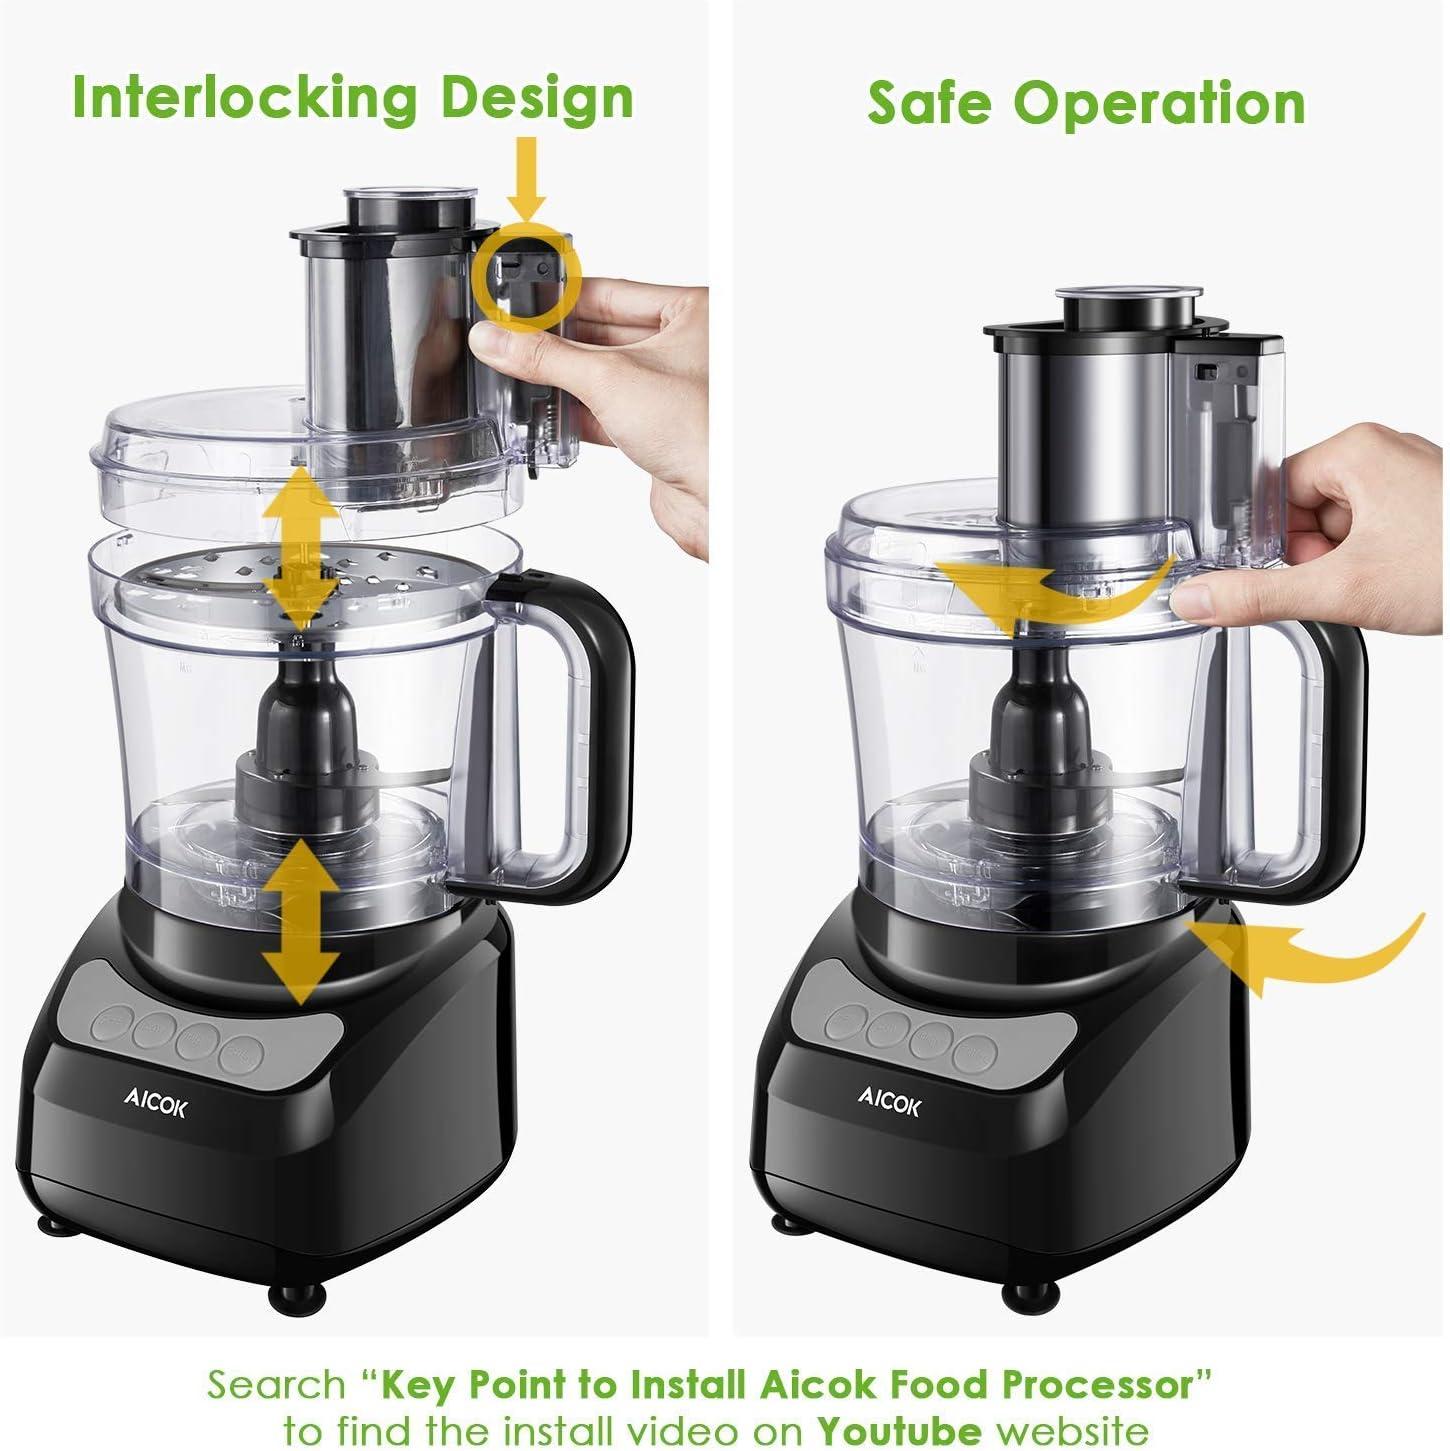 Robot de cocina, procesador de alimentos AICOK 2.3L, rallador eléctrico, picadora de carne, incluye gancho para amasar, verduras eléctricas y remover, 3 velocidades, picar, cortar, cubos y amasar.: Amazon.es: Hogar